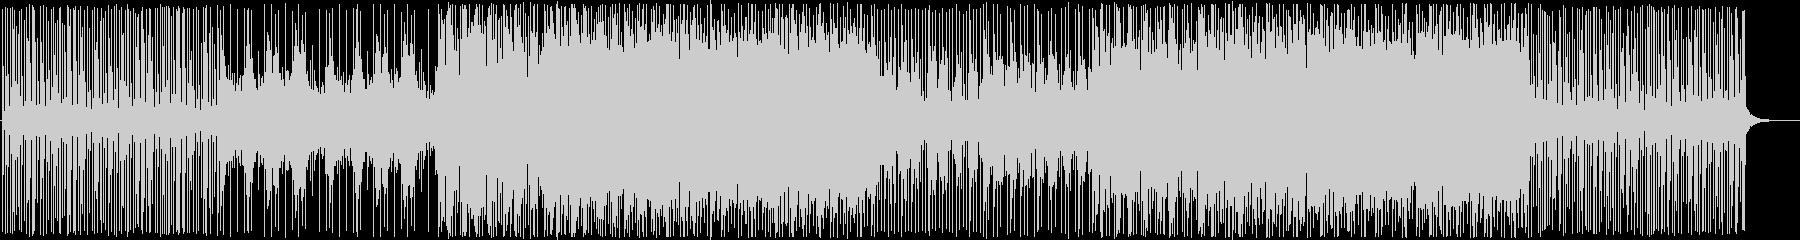 軽快エモーショナル-PV映像の未再生の波形